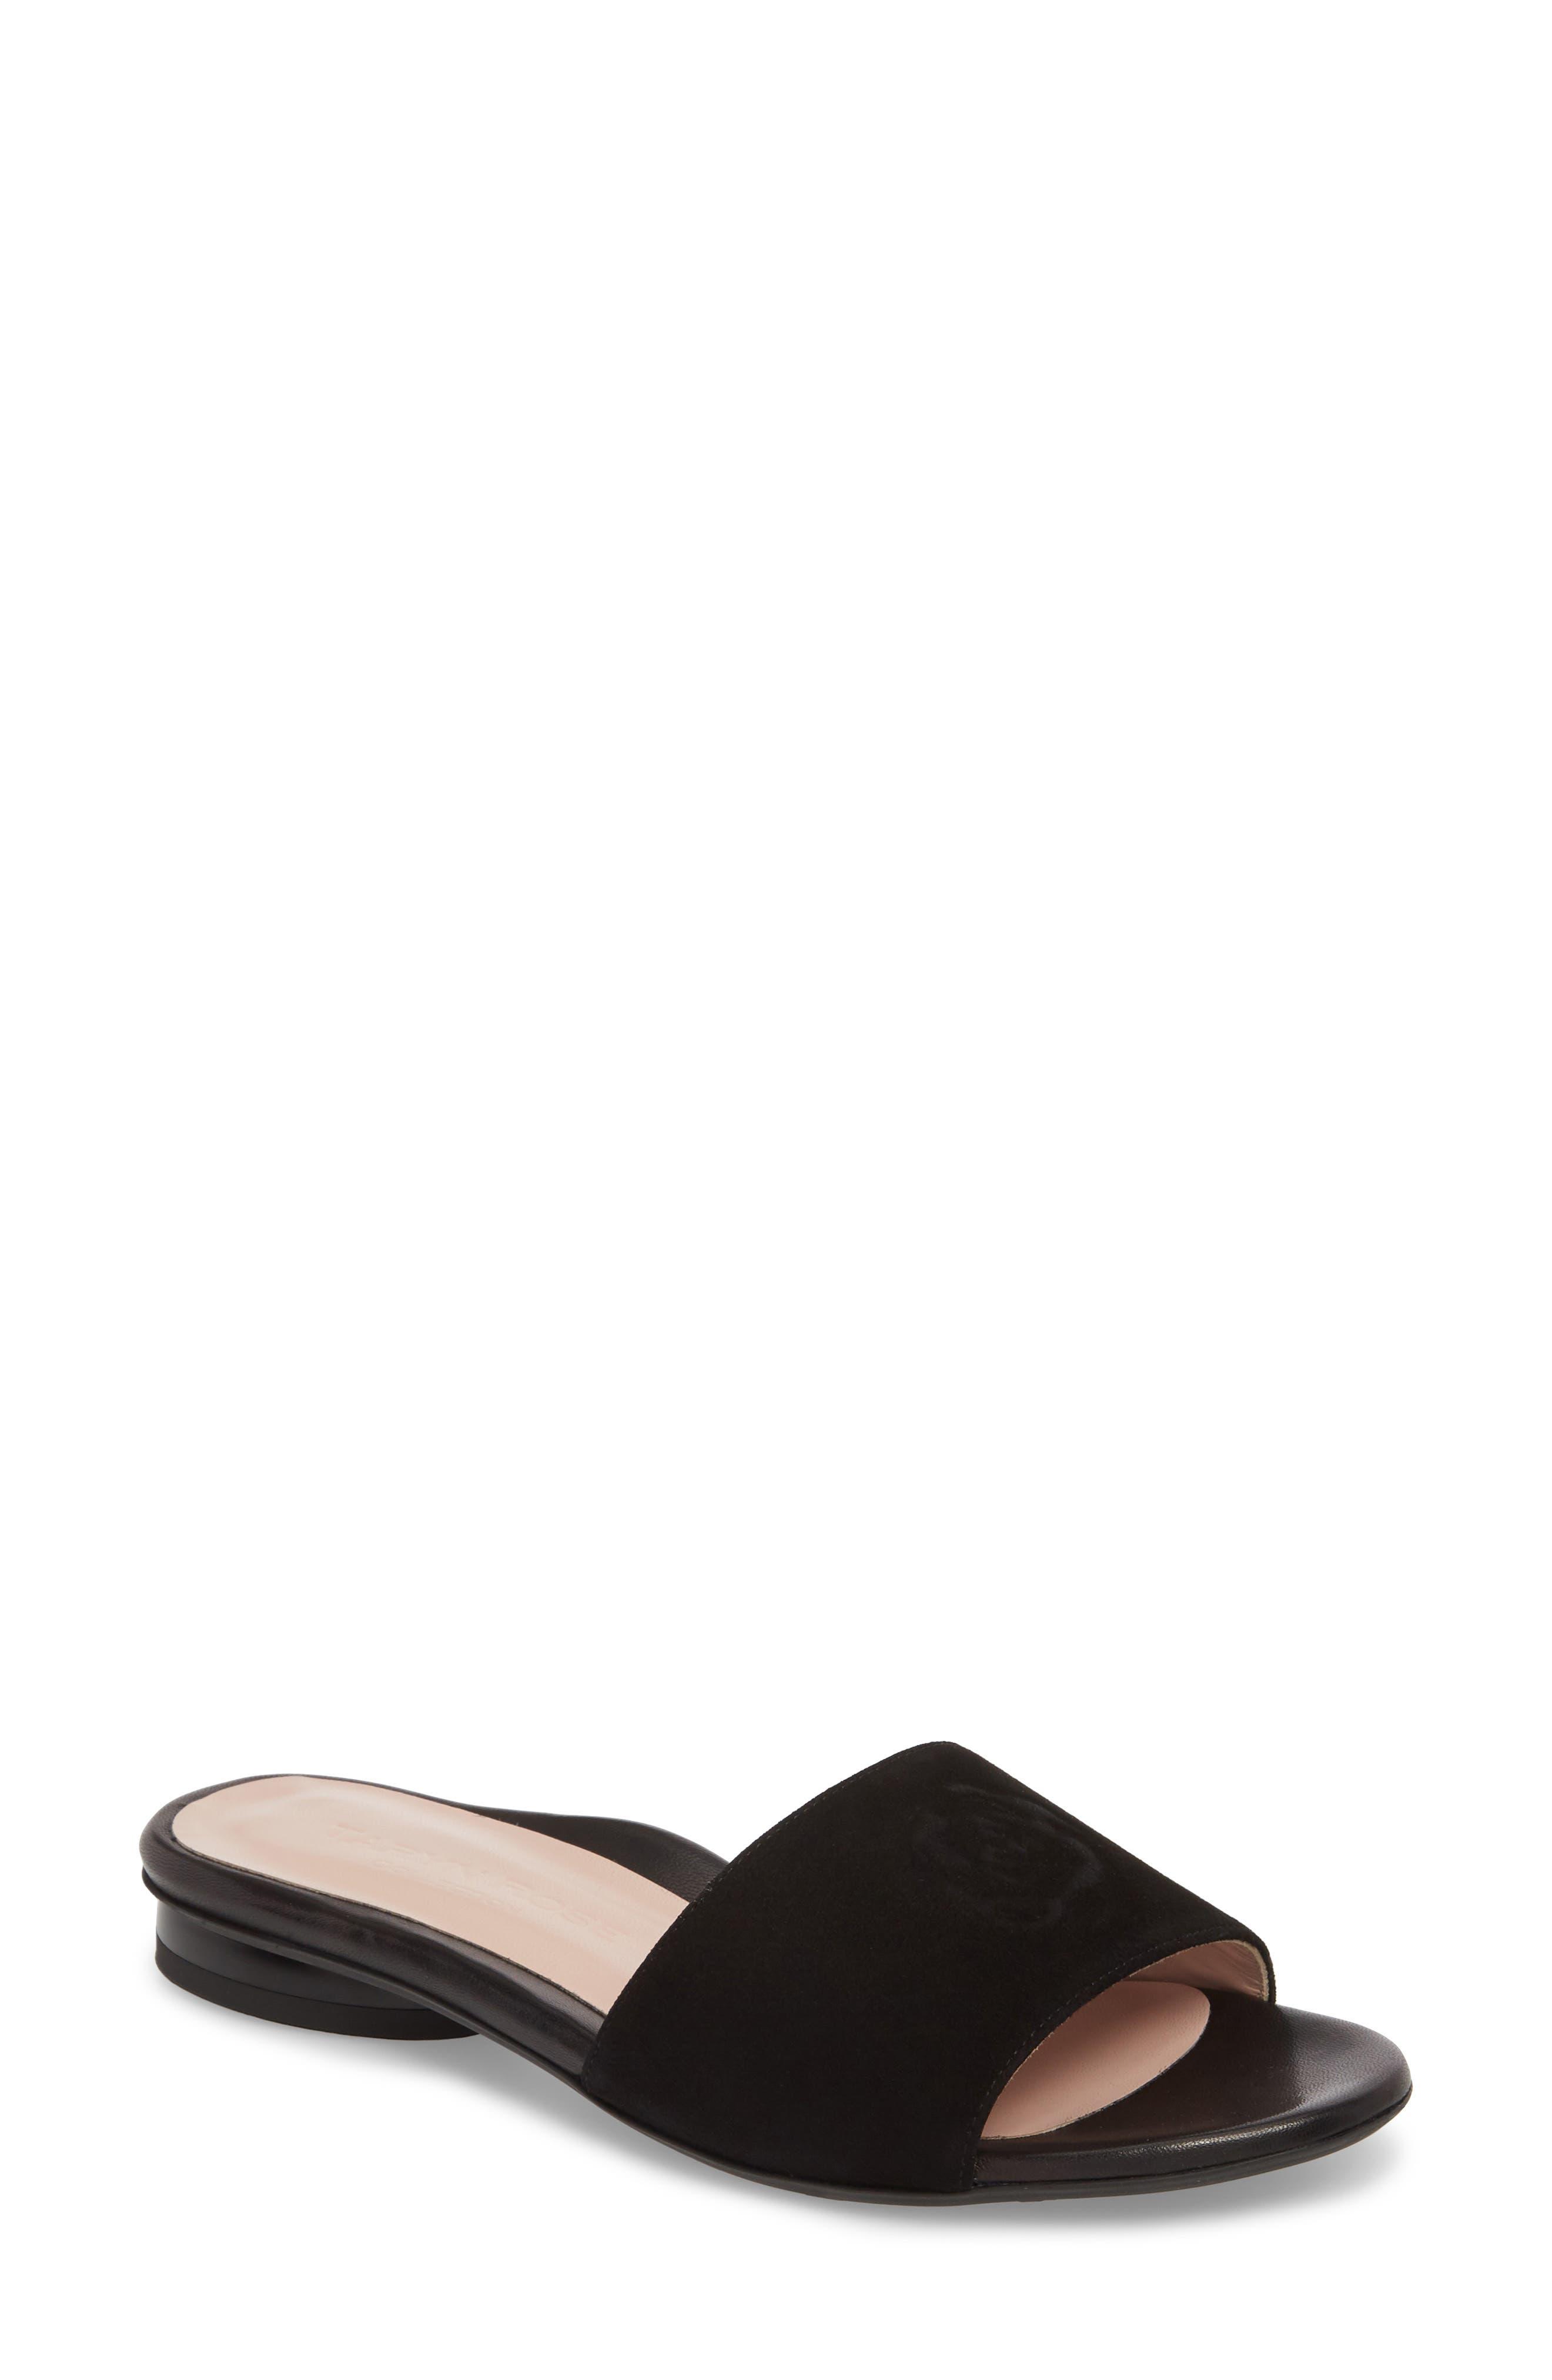 Taryn Rose Collection Dahna Slide Sandal- Black